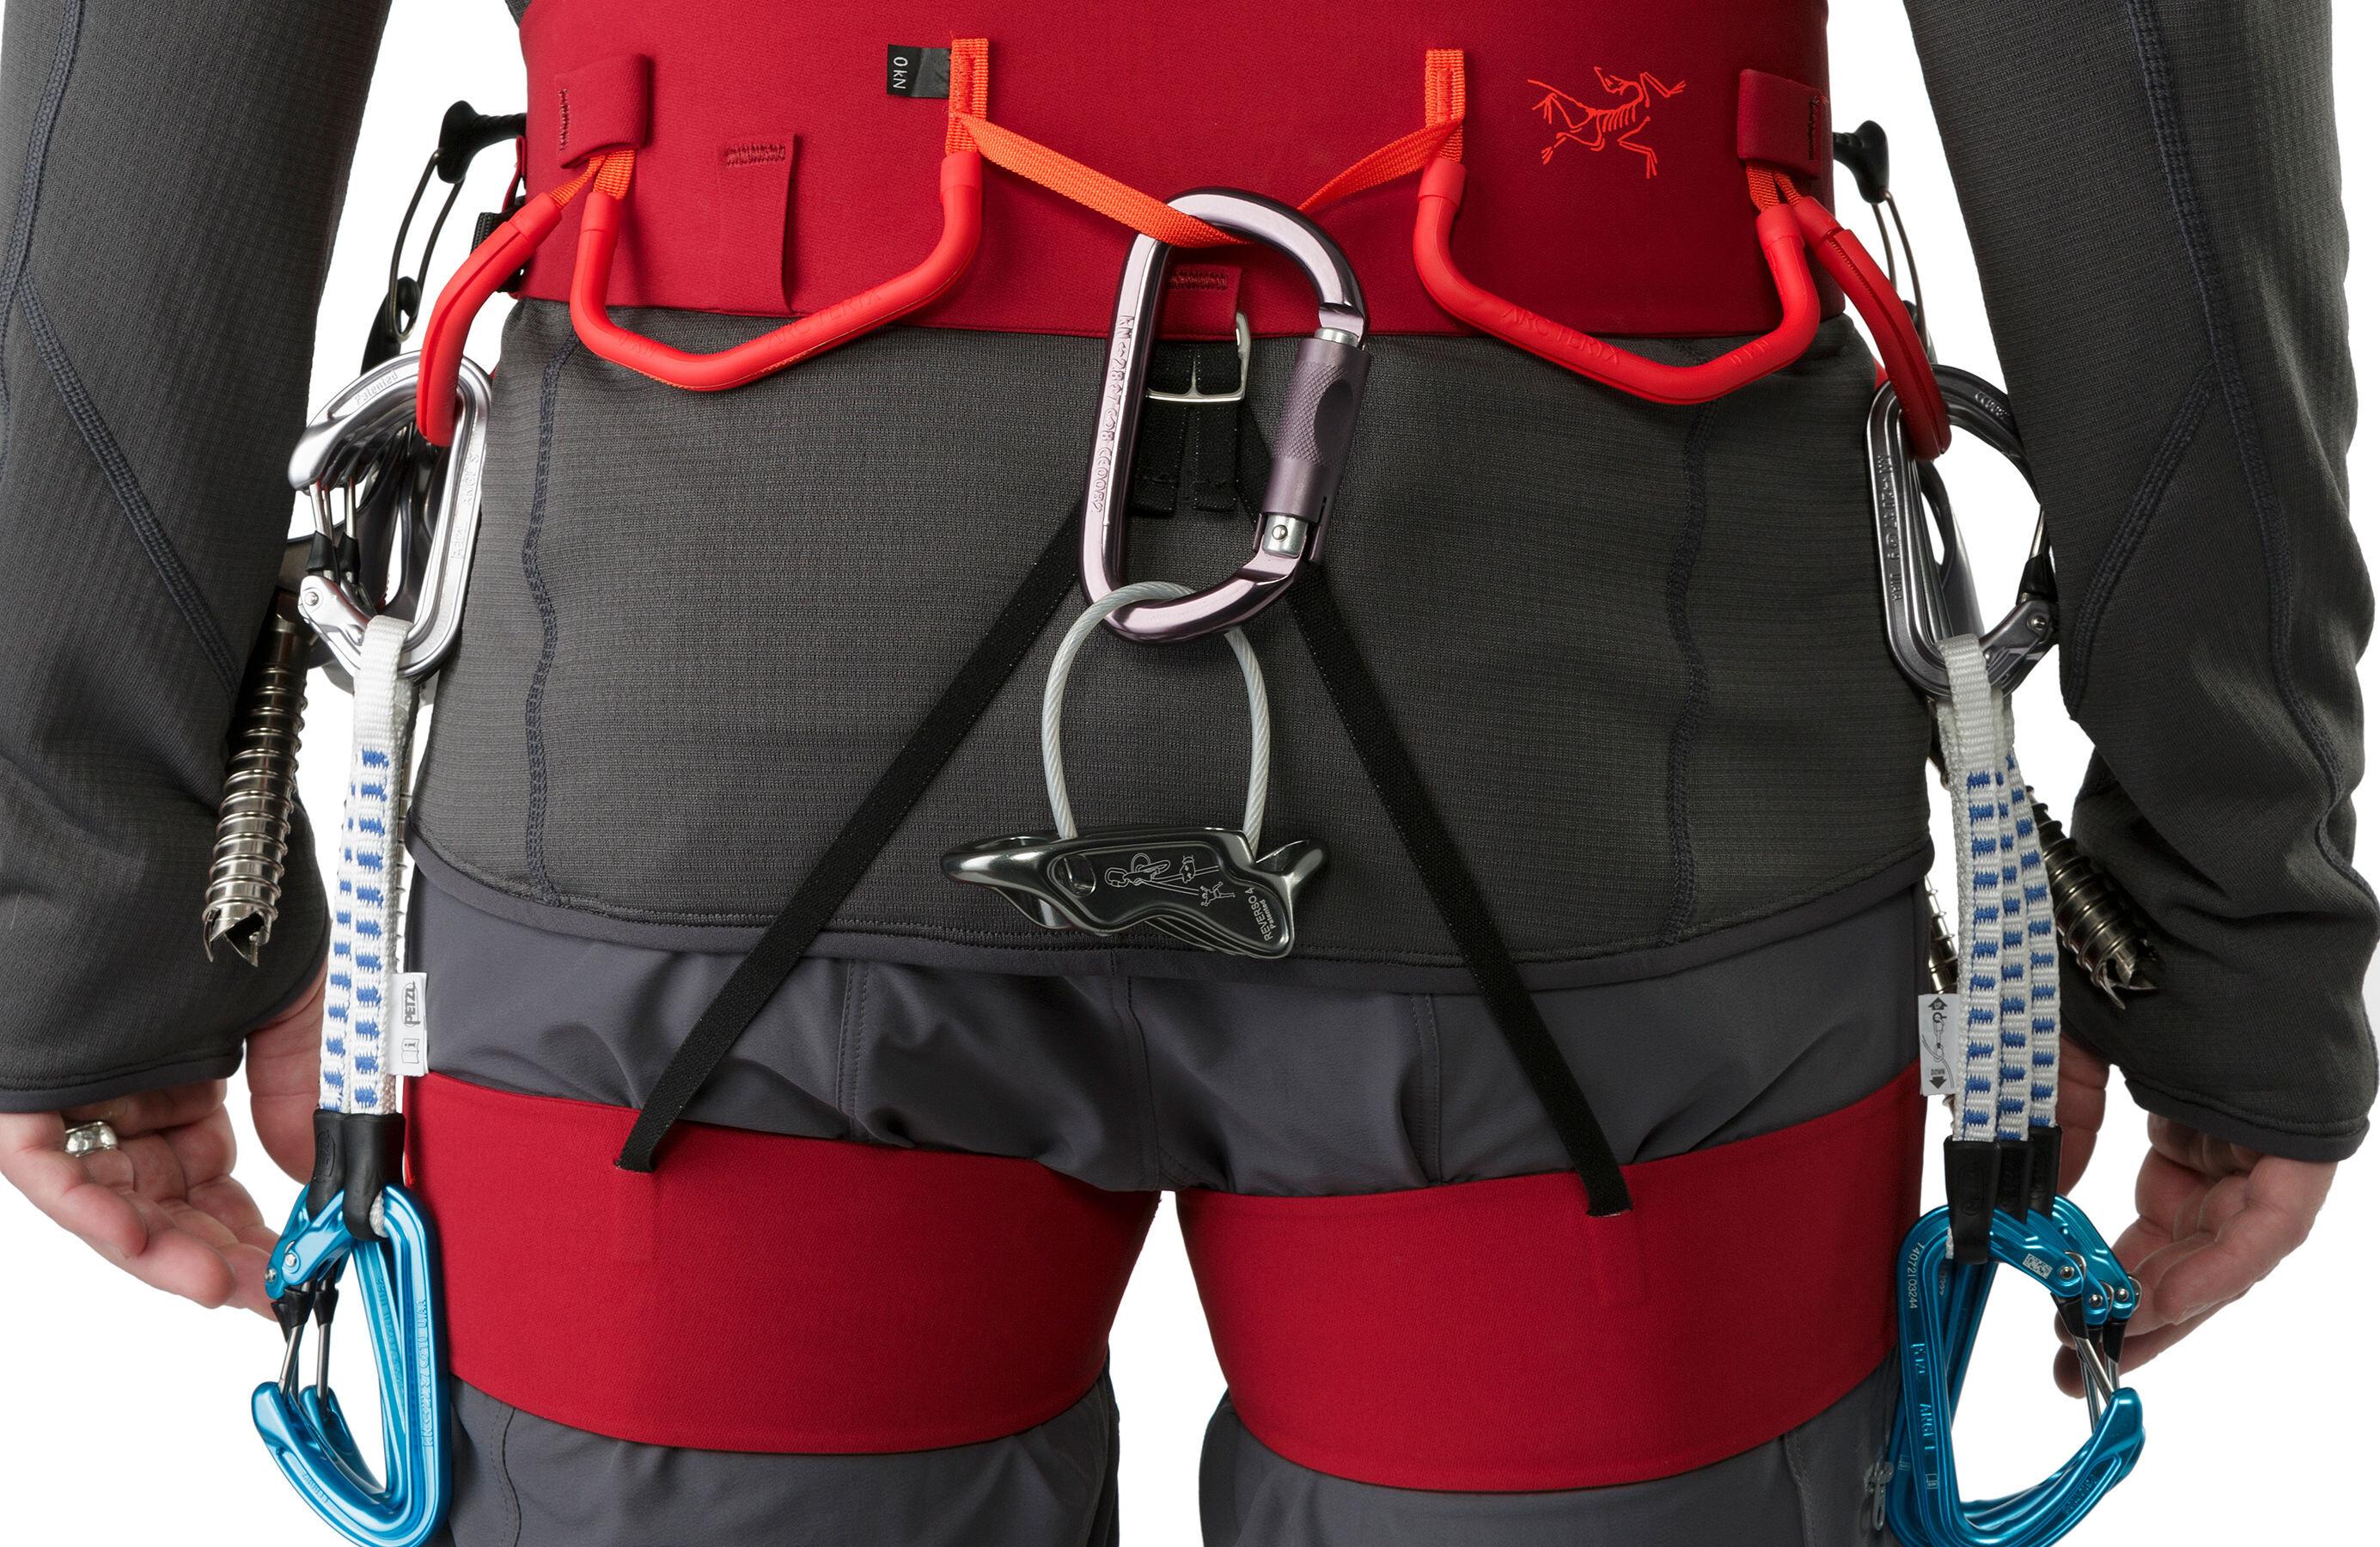 Arcteryx Klettergurt Xl : Arcteryx fl 365 harness men red beach flare campz.de